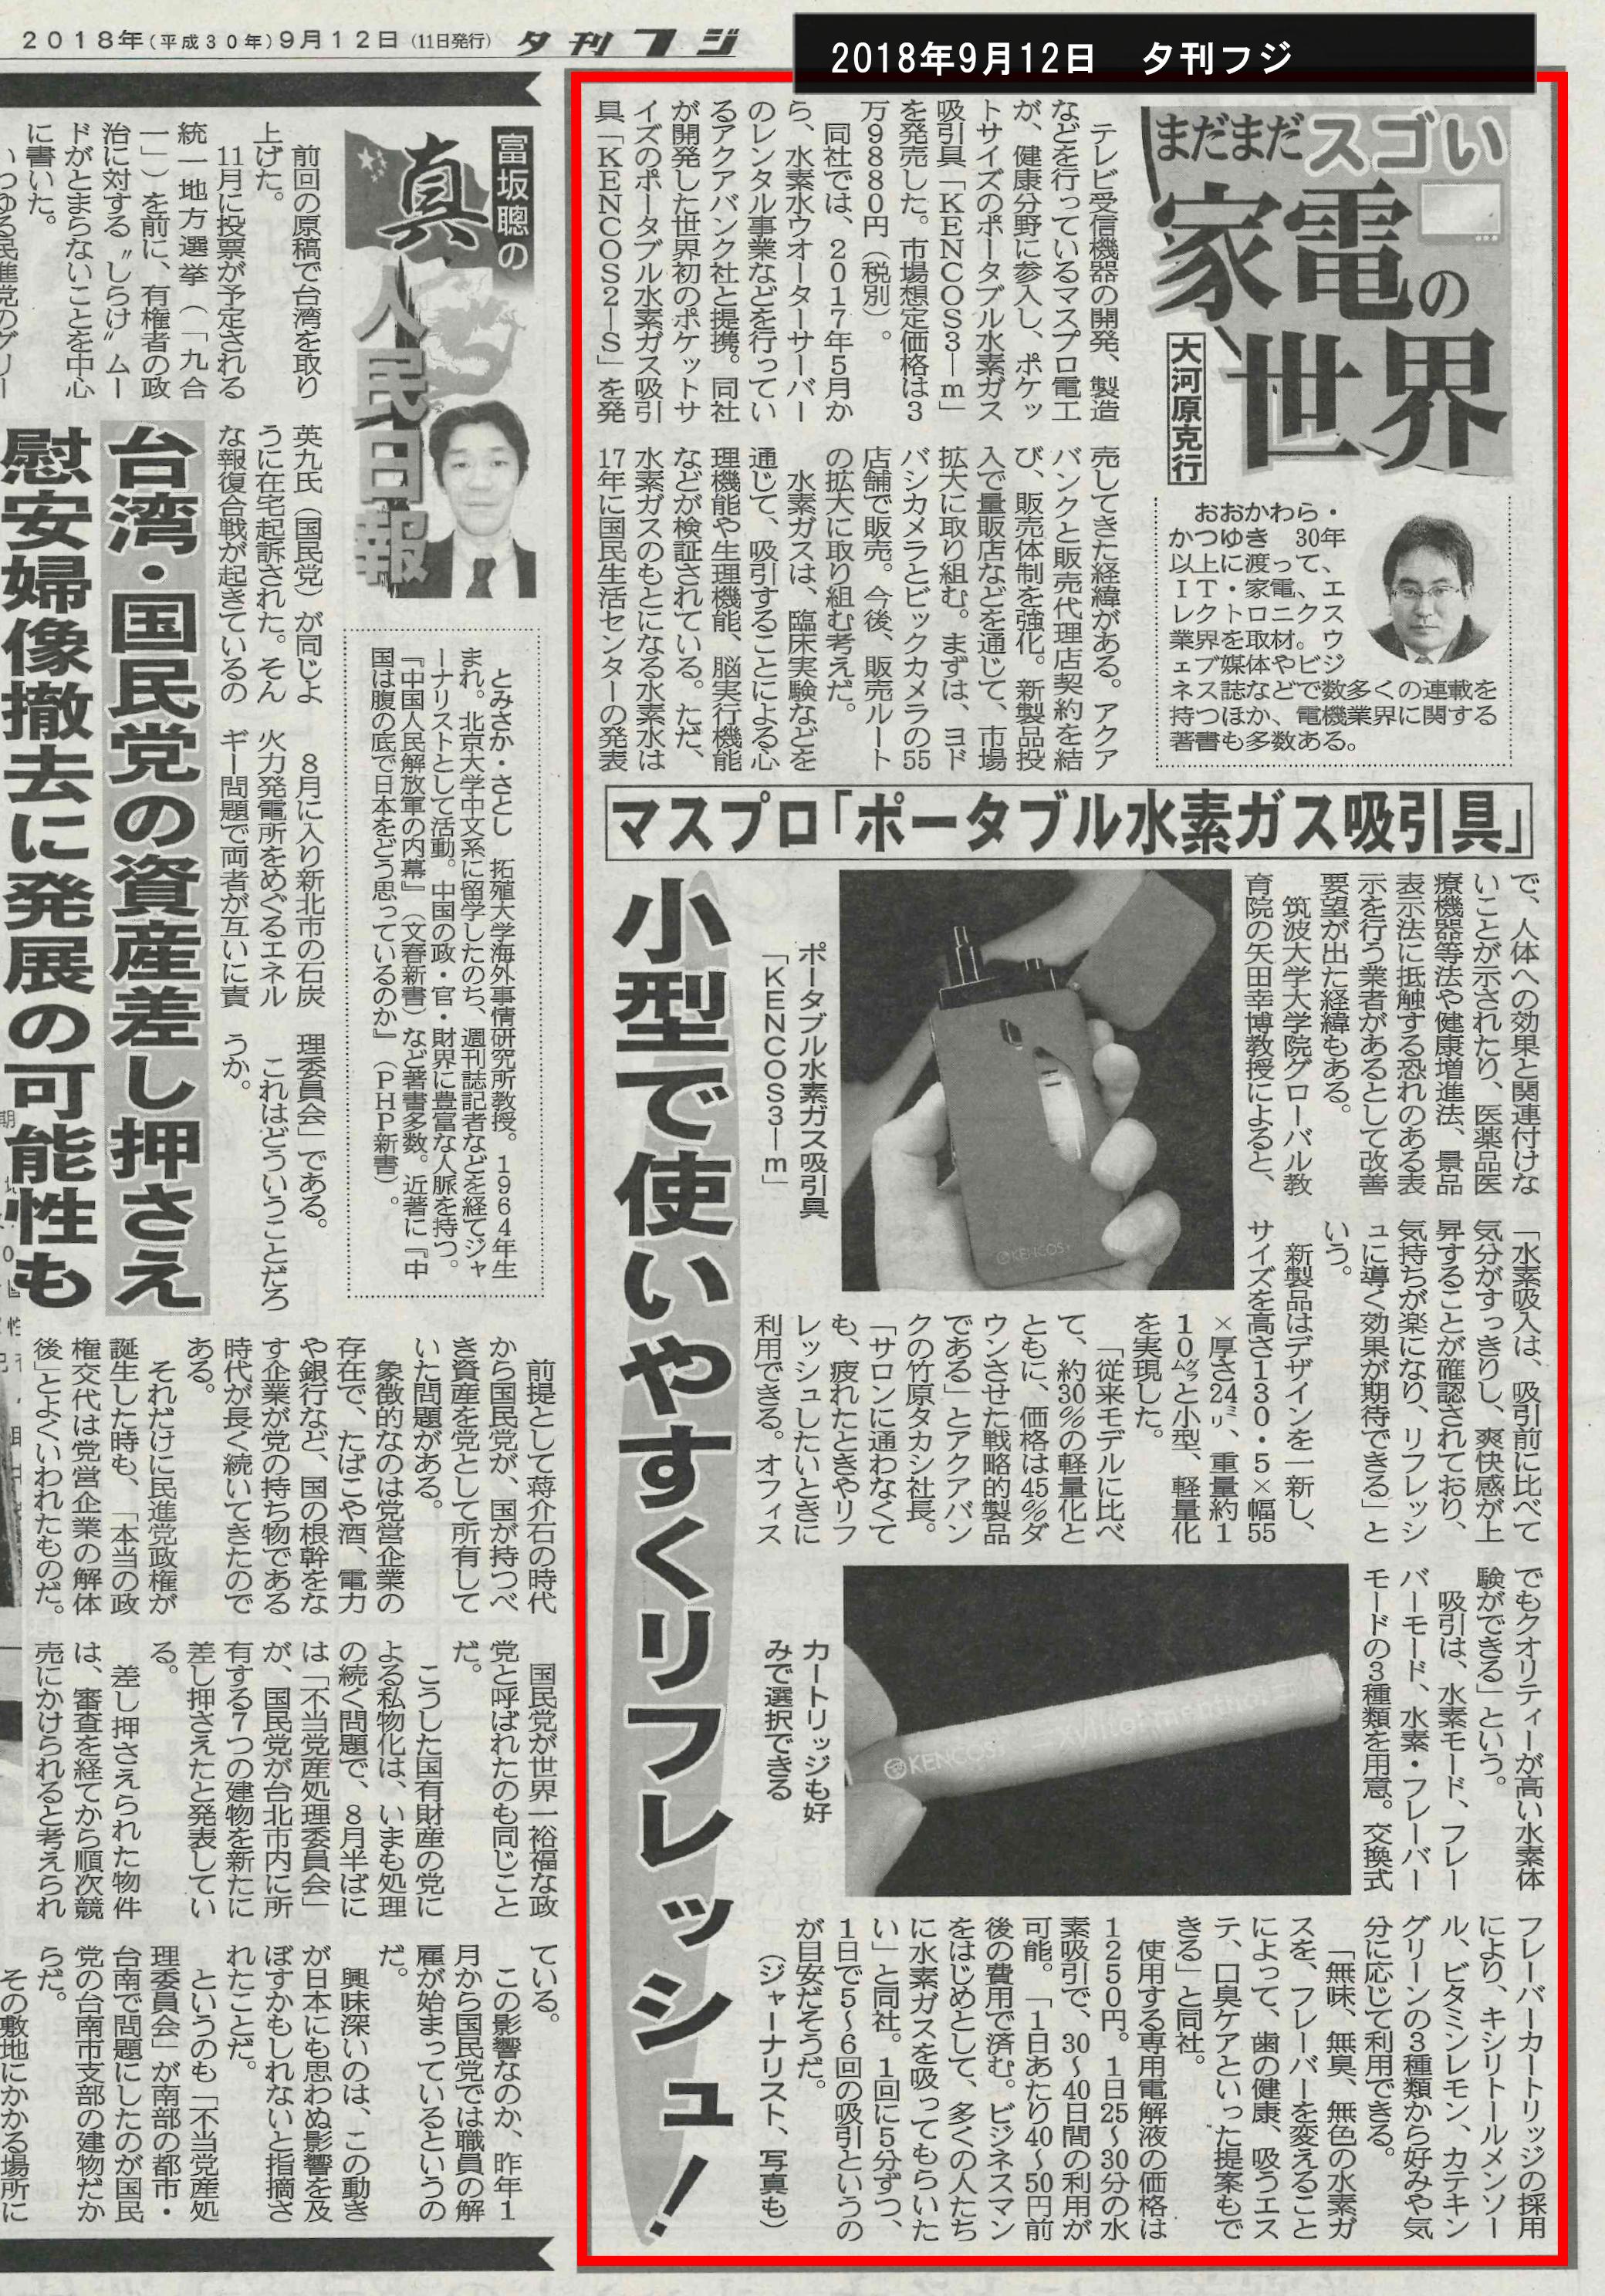 2018年9月12日(11日発行)の【夕刊フジ】より抜粋